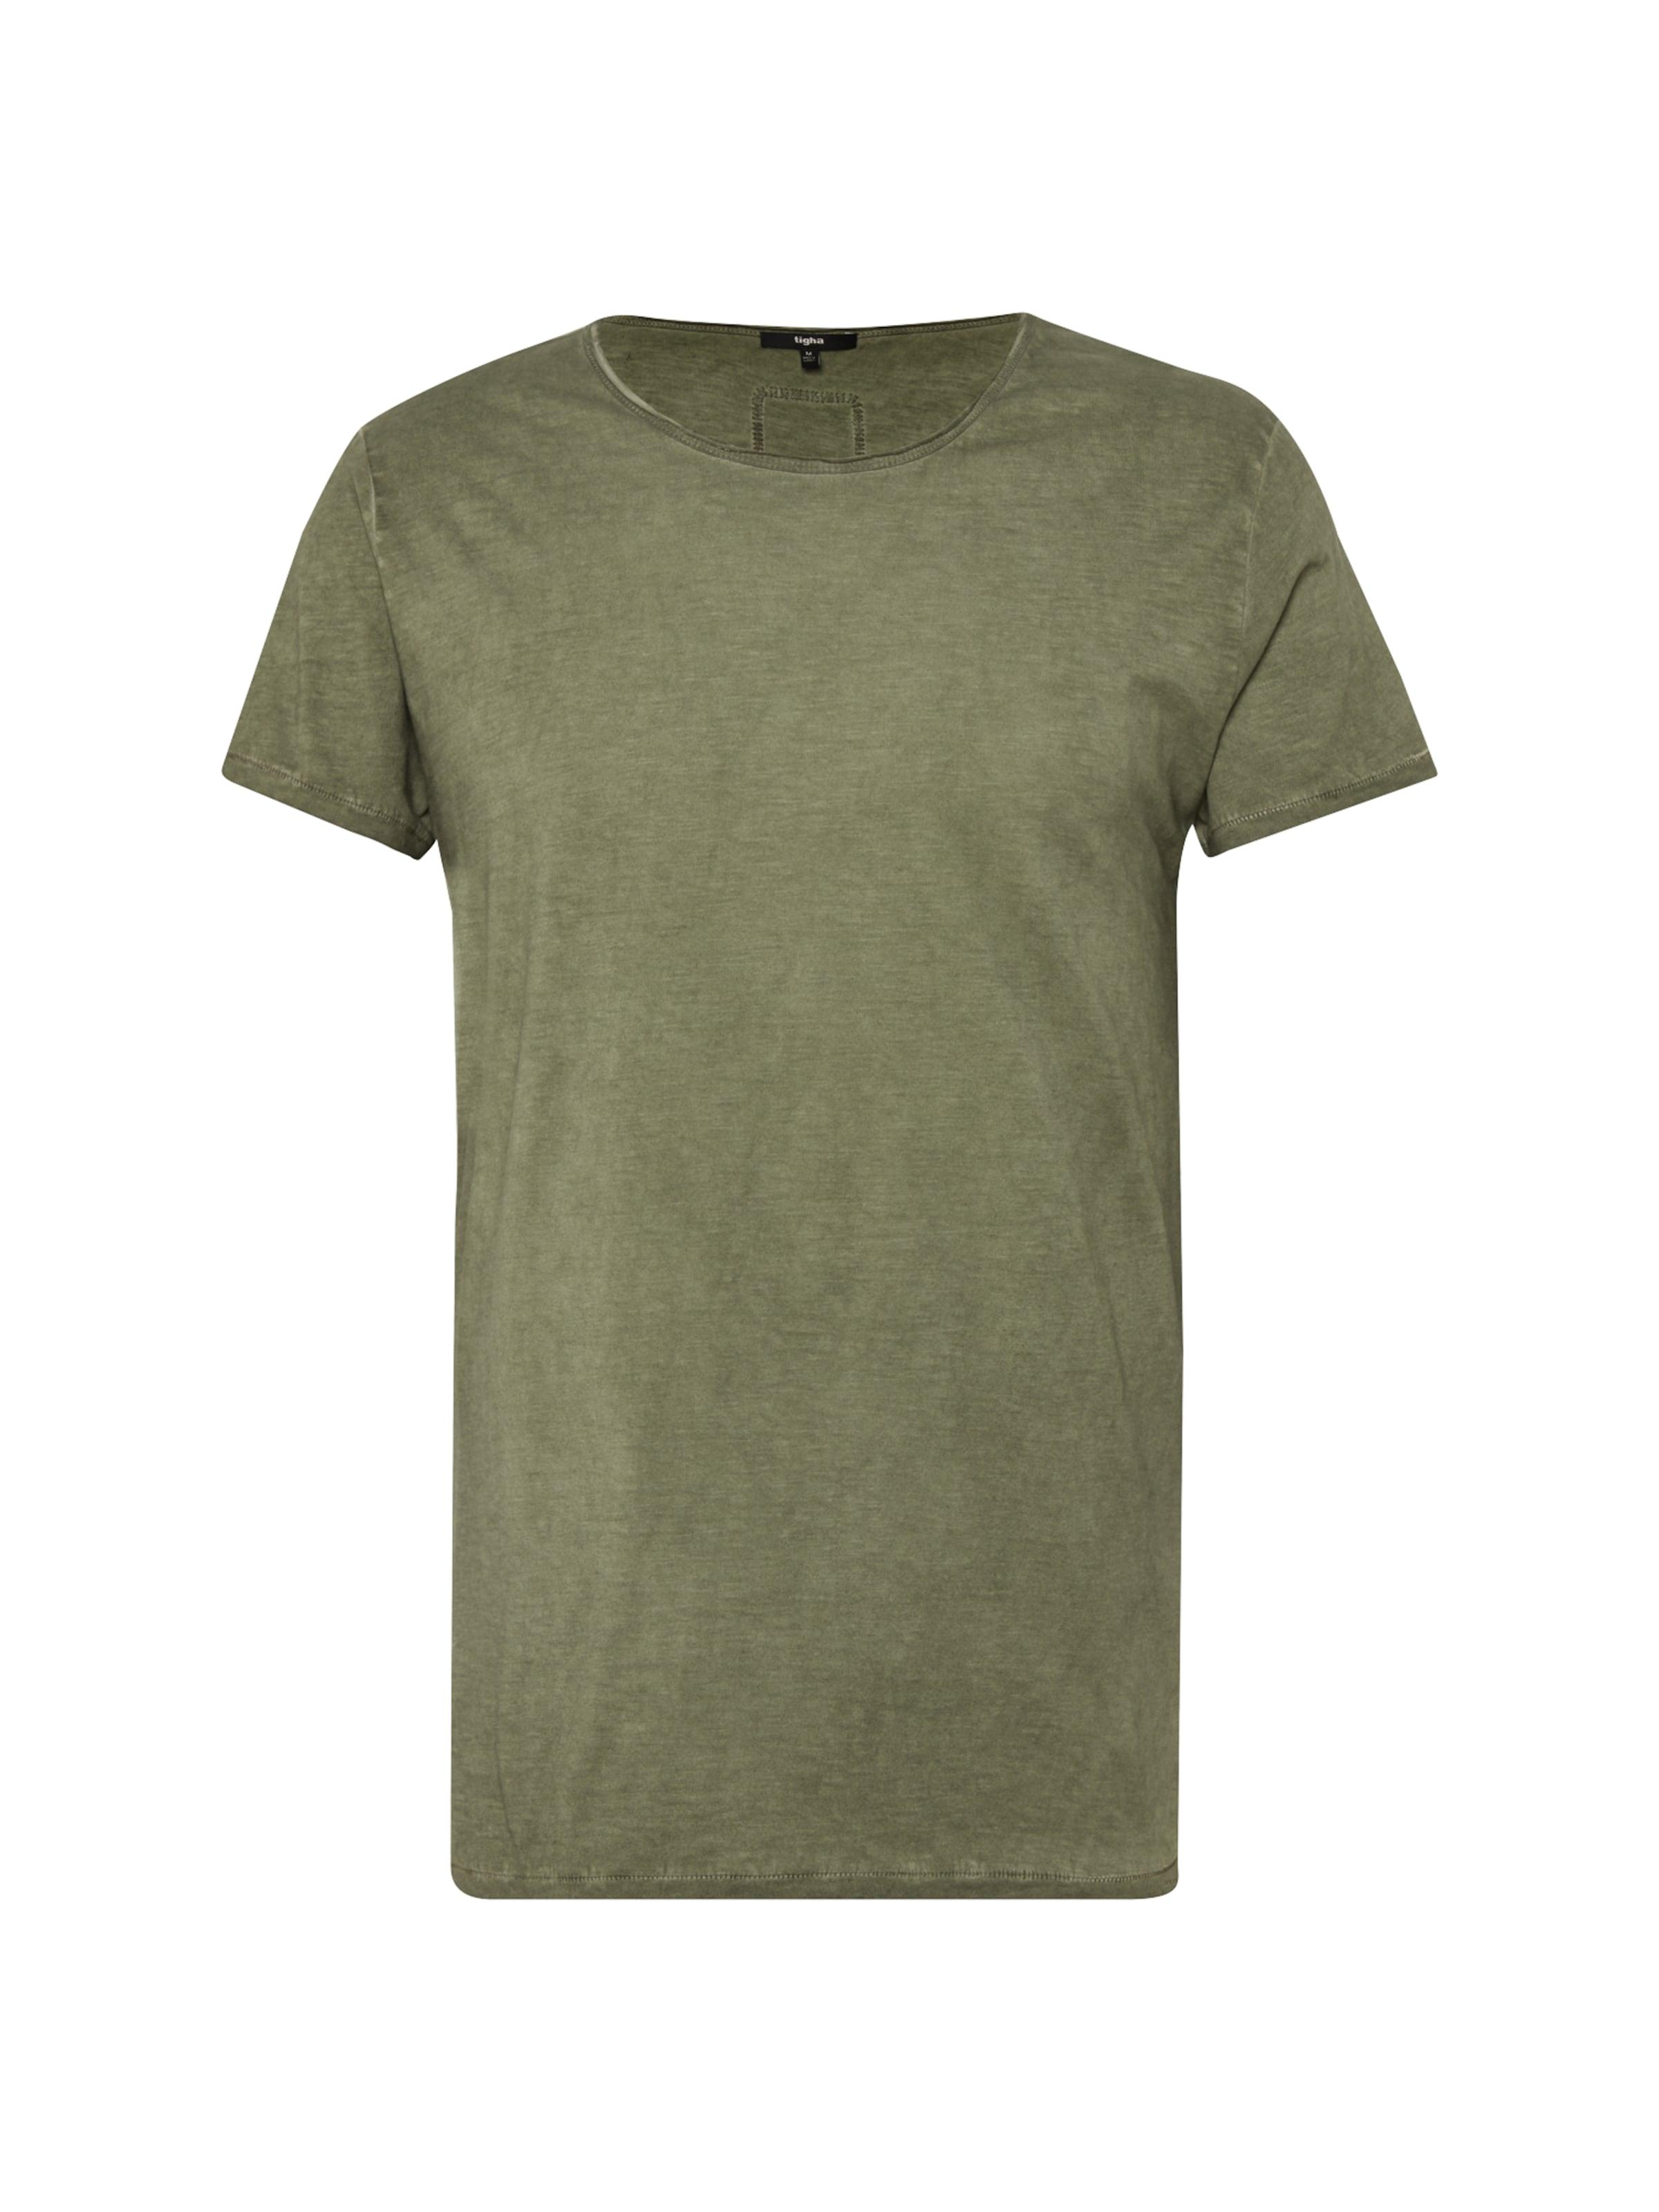 Tigha Khaki In shirt T NnOm8wvy0